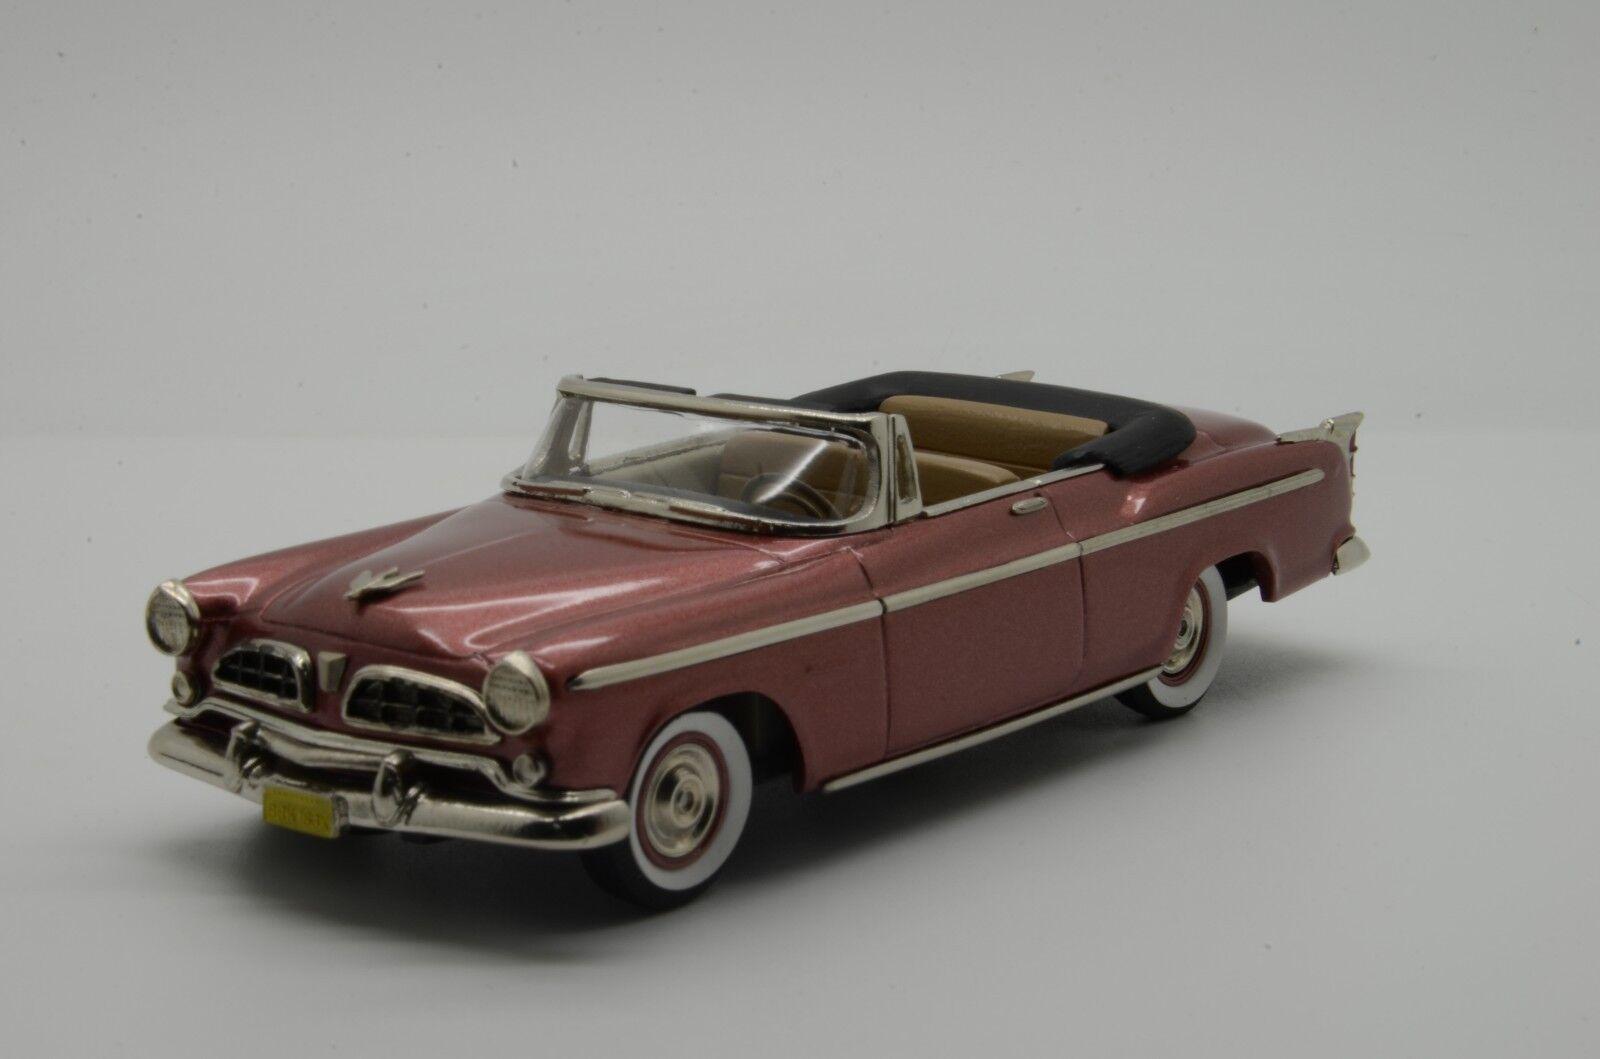 Chrysler windsor cabrio coupé 1955 40. jahrestag brk183x brooklin modell